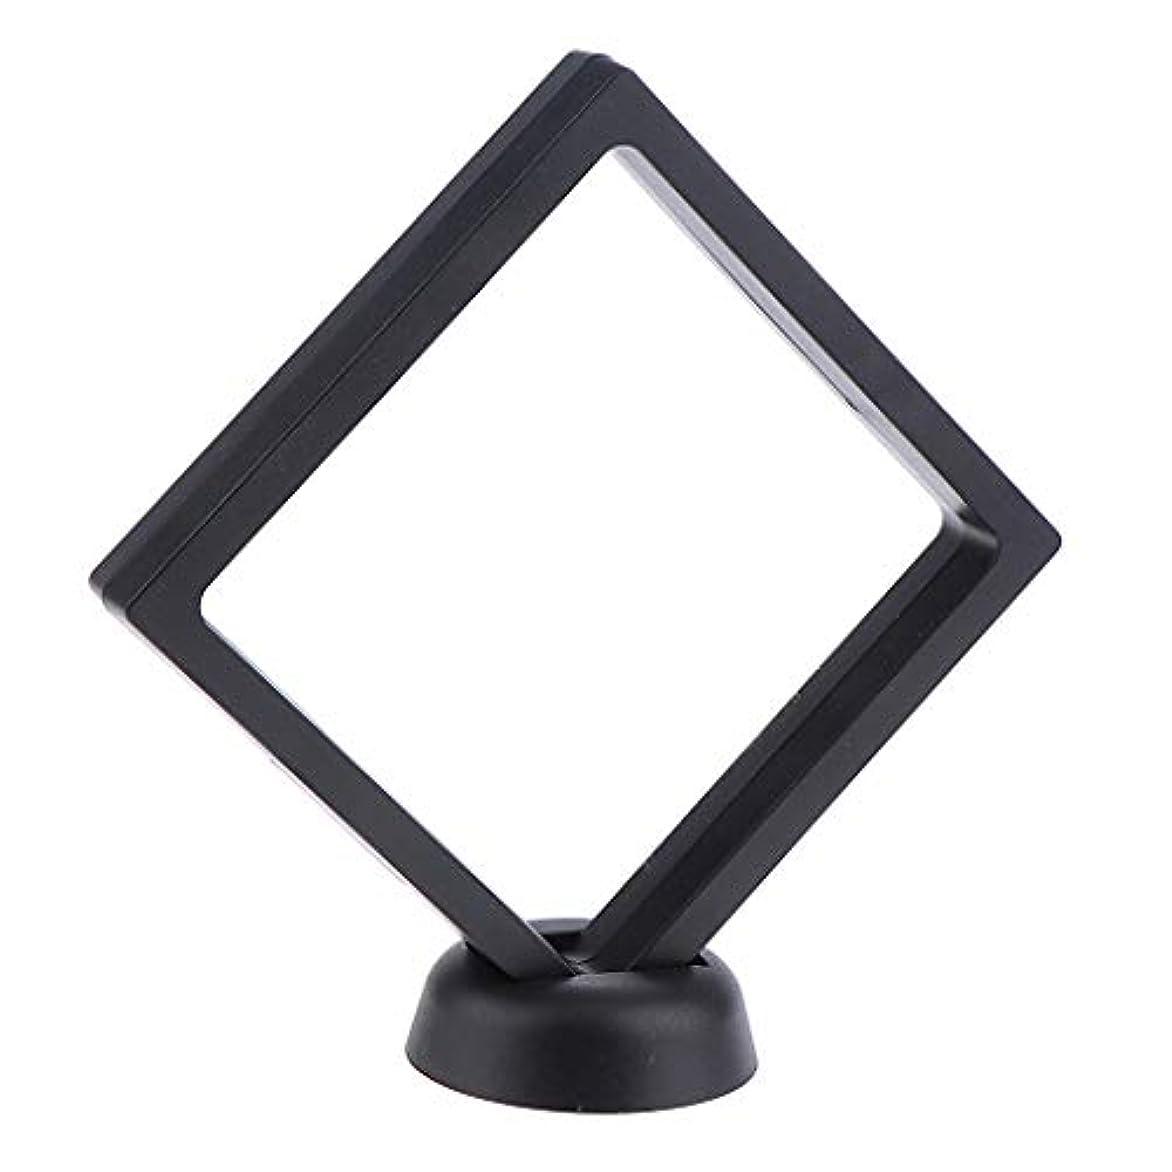 ビュッフェ海洋の指標B Baosity ネイルアート 展示用 ボード ネイルサロン ネイルヒント ディスプレイスタンド 2色選べ - ブラック